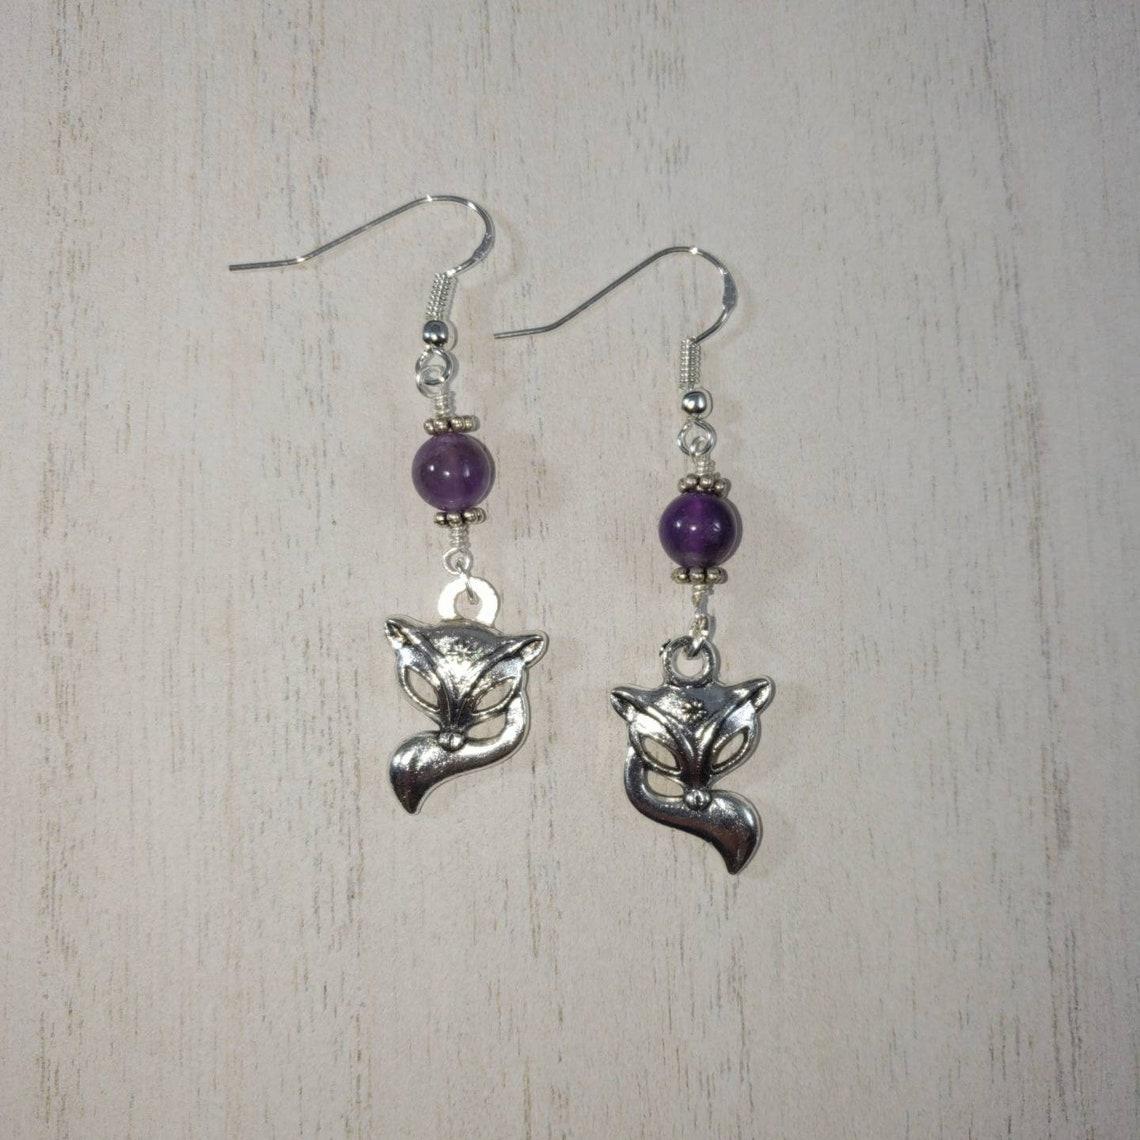 Hotwife Vixen Earrings Genuine Amethyst Gemstone | Etsy